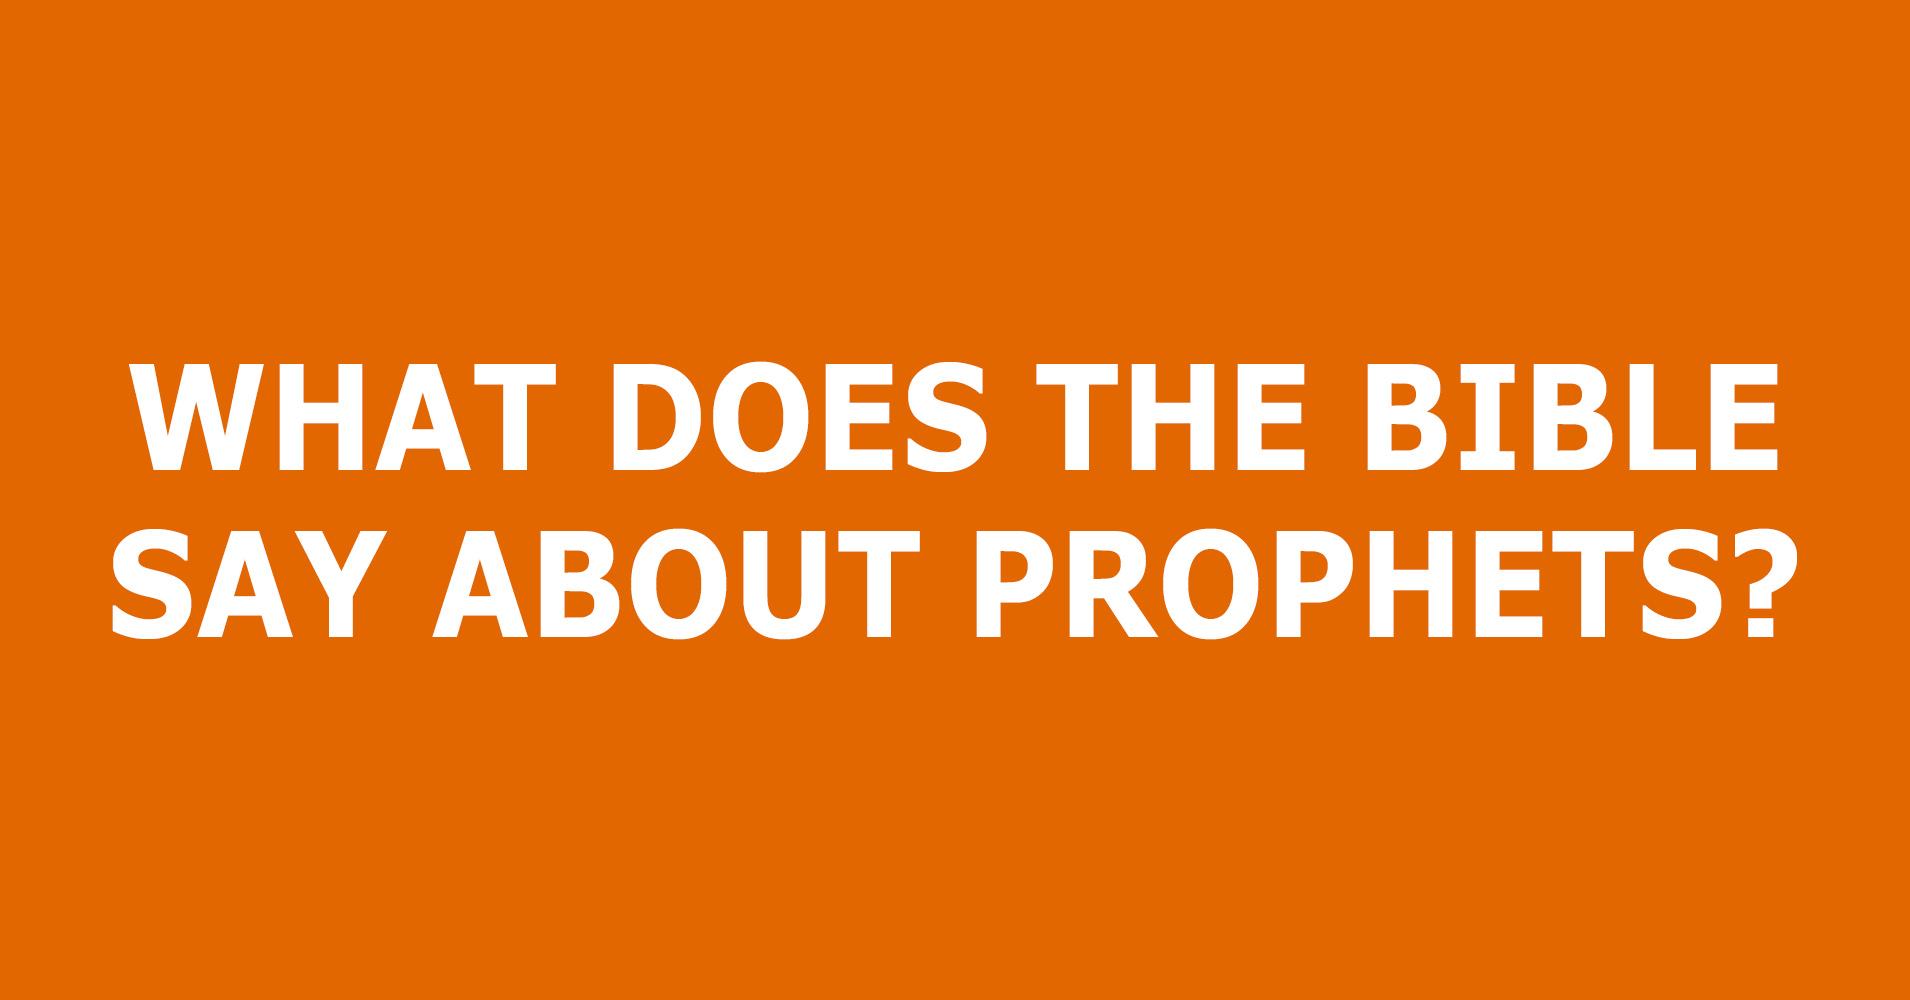 Prophets.jpg